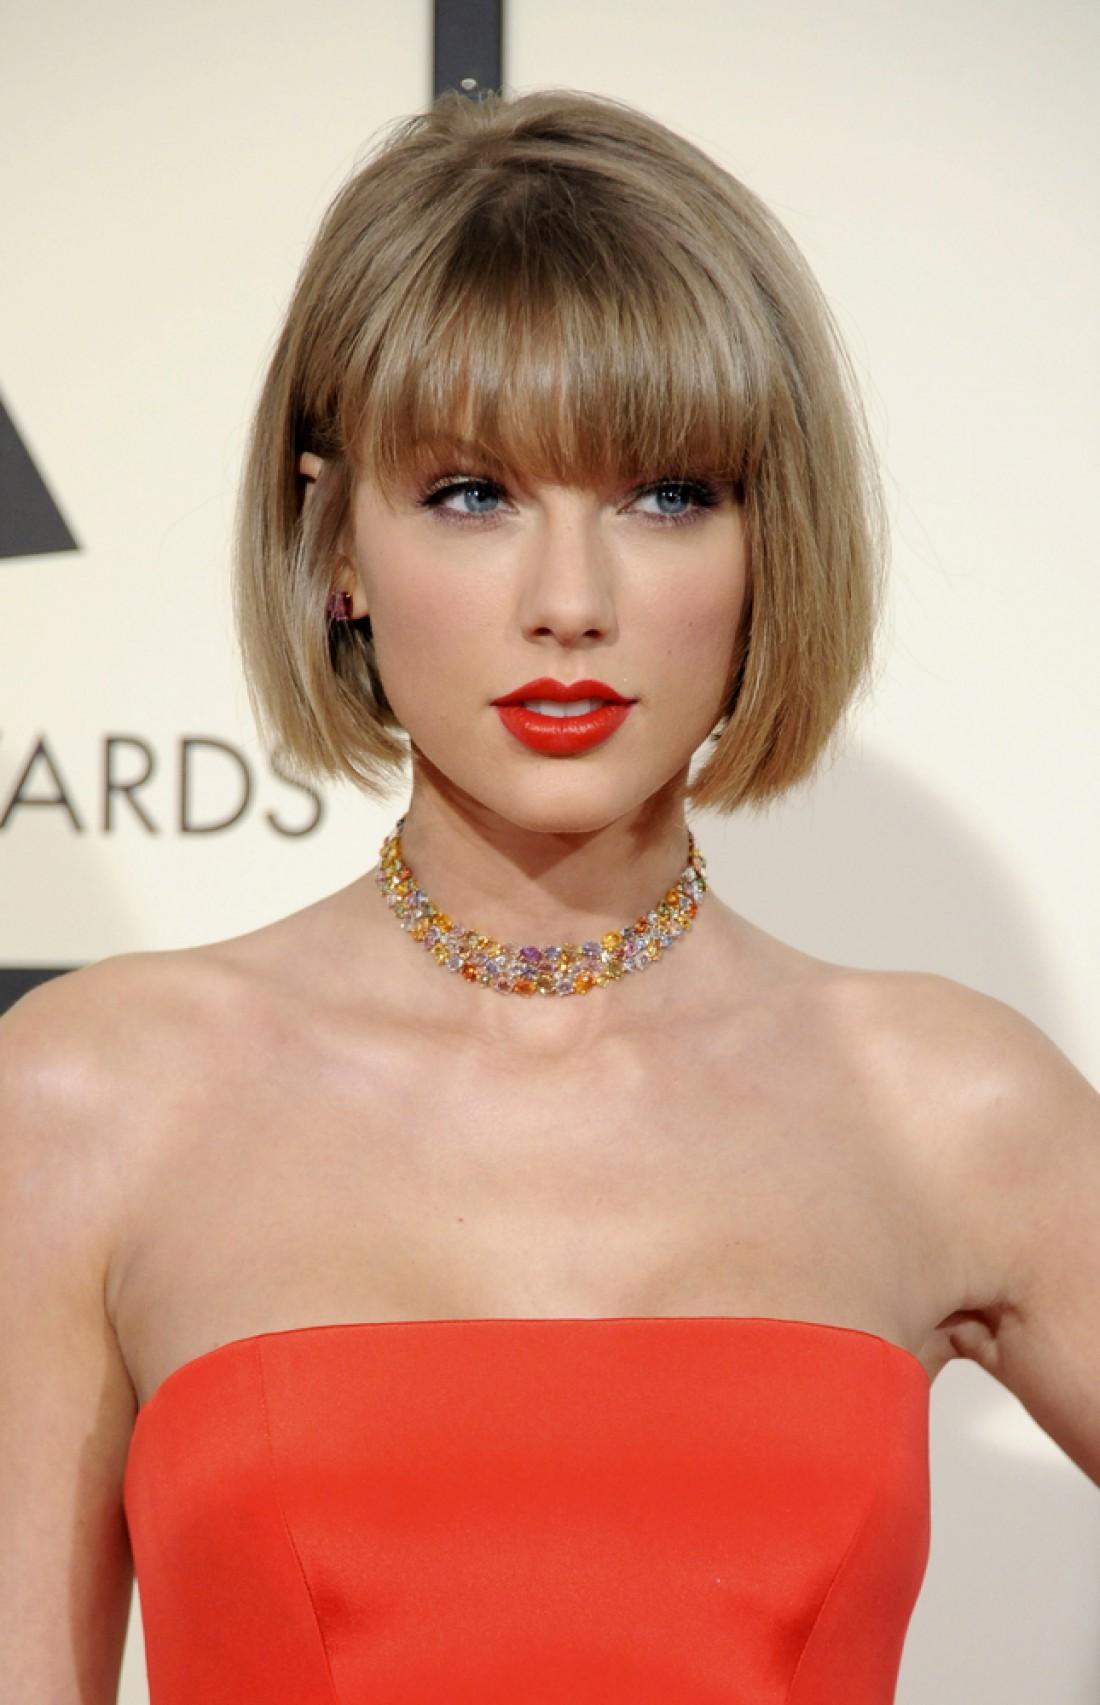 Тейлор Свифт стала самой богатой артисткой по итогам 2015 года